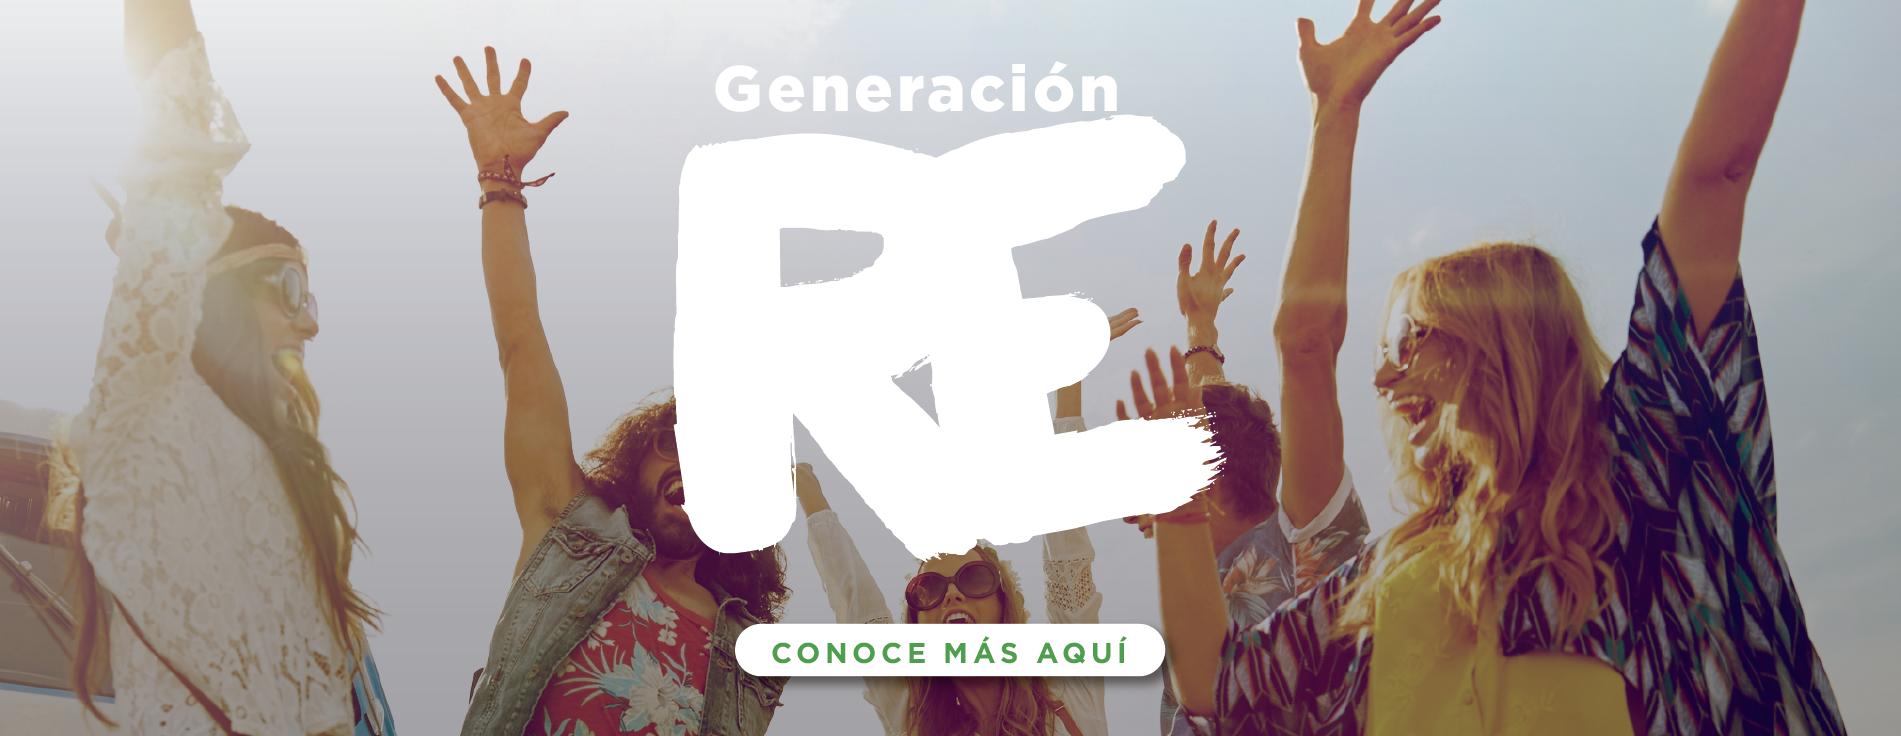 Generación Re - Barranquilla